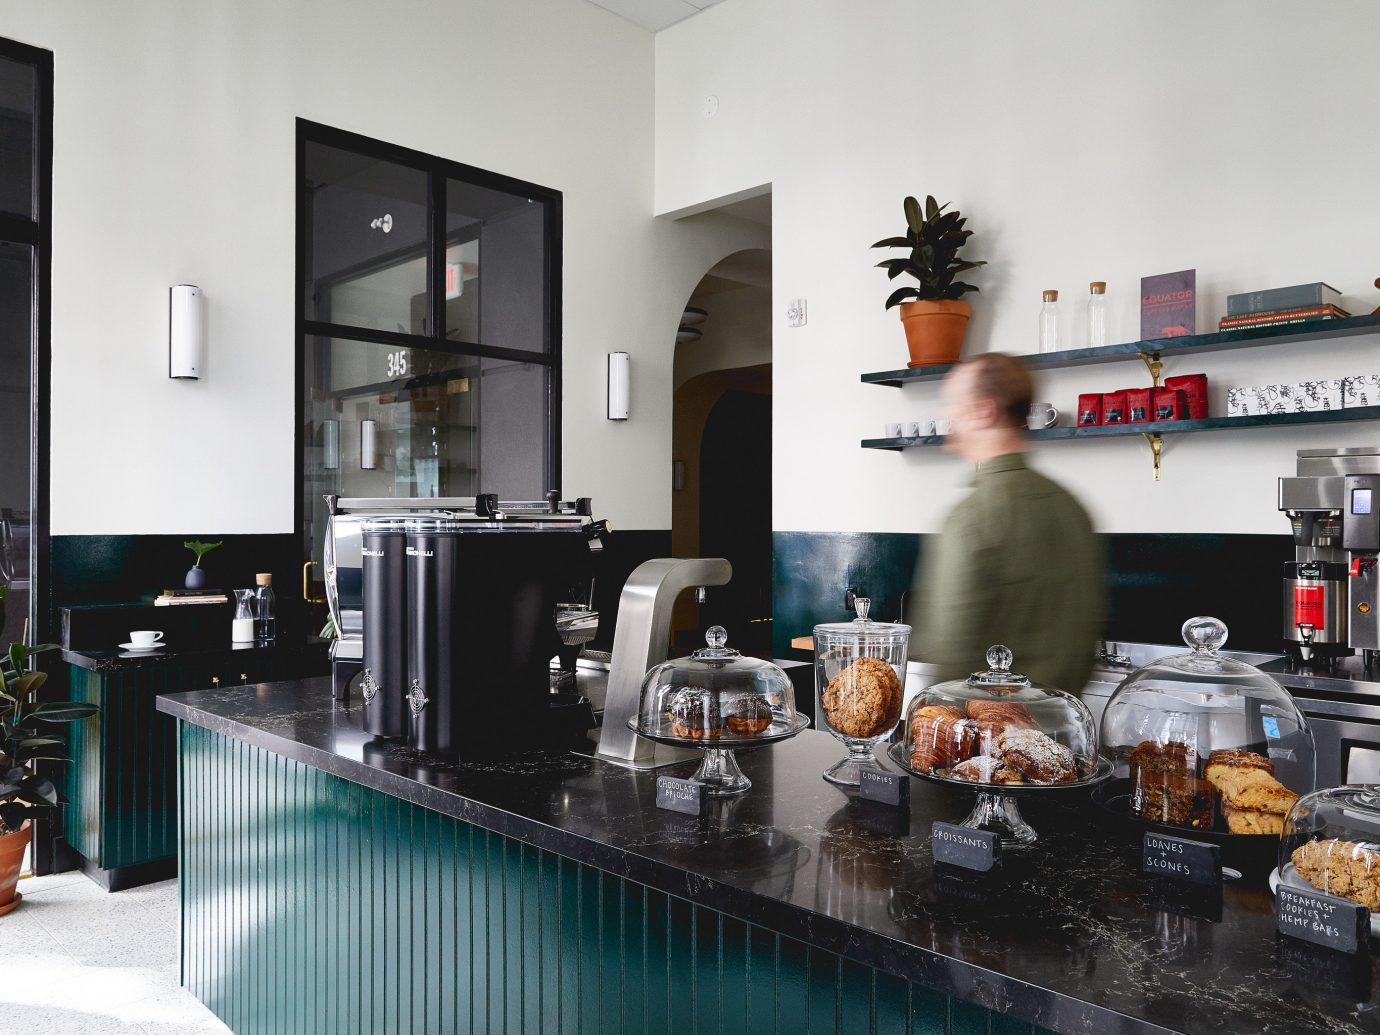 Hotels wall indoor property room counter Kitchen interior design home restaurant Design estate meal Bar several